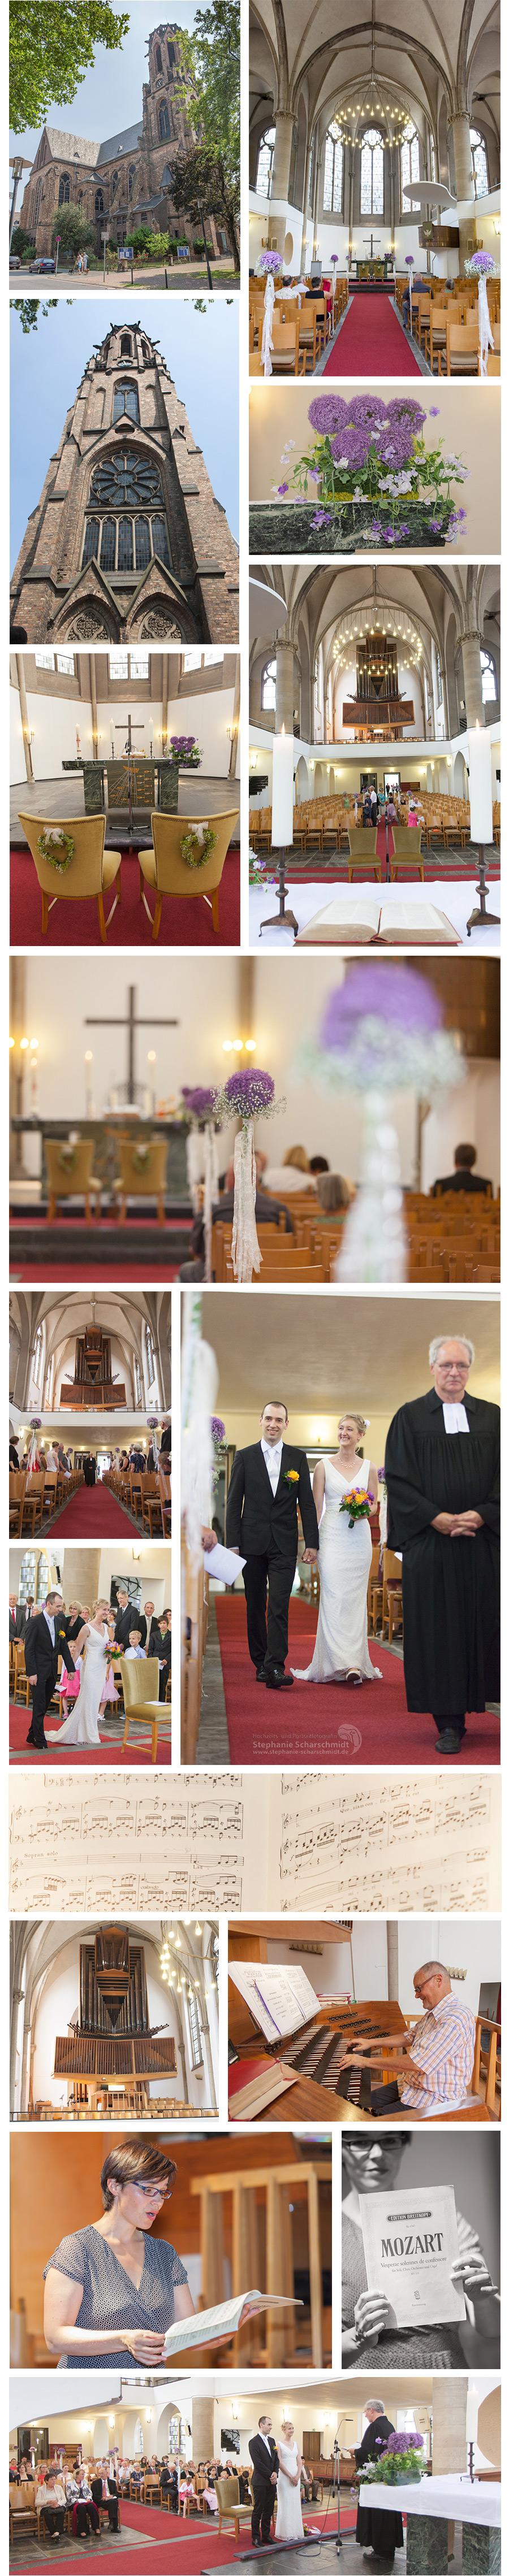 3 Hochzeitsfotograf in Krefeld – Kirchliche Trauung in der Friedenskirche in Krefeld Ulla und Carsten Teil 1 – Hochzeitsfotografin Stephanie Scharschmidt